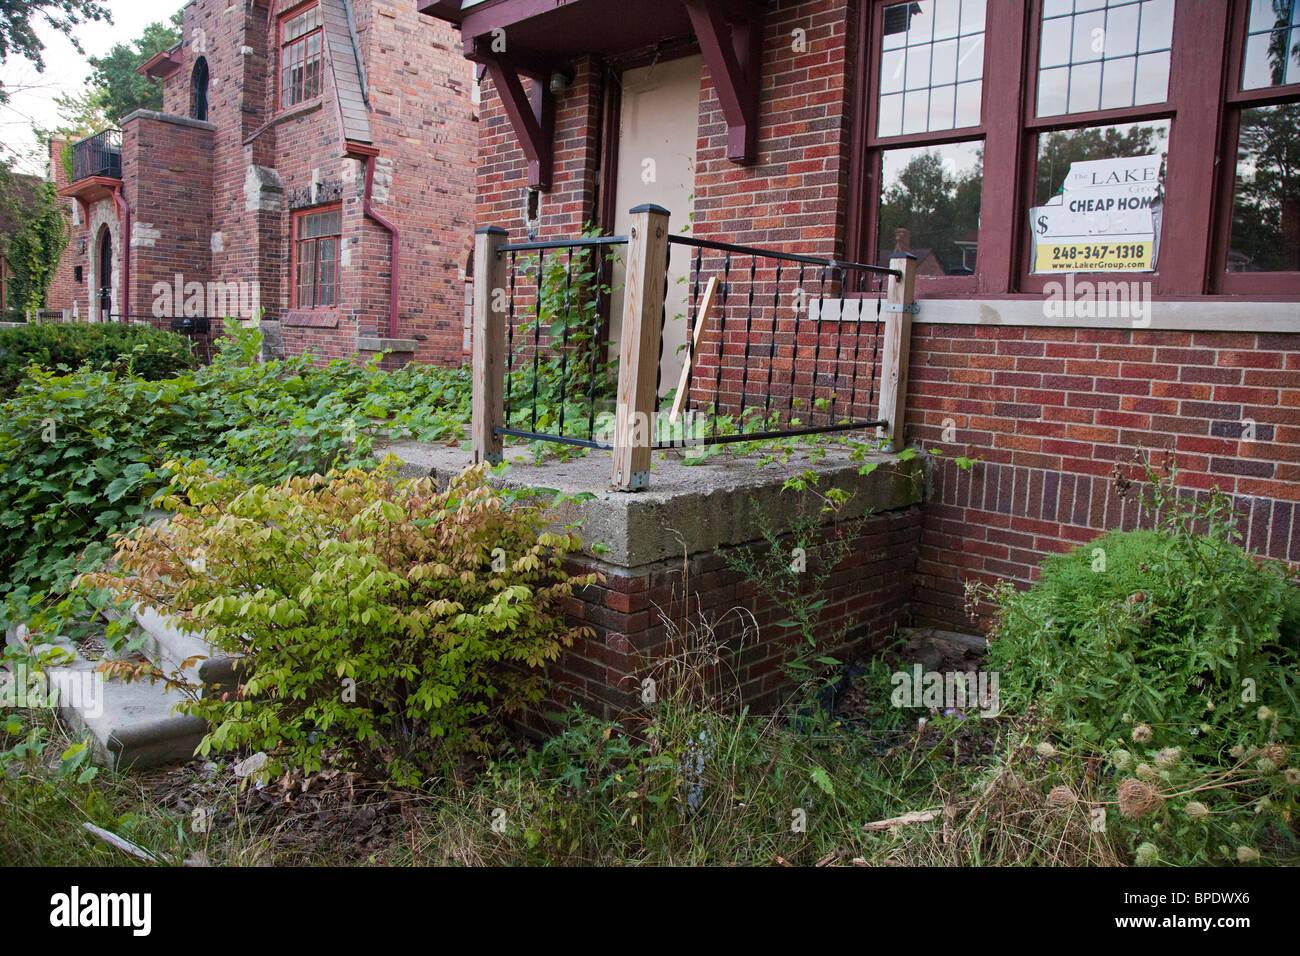 Zu verkaufen: Billige Home Stockbild